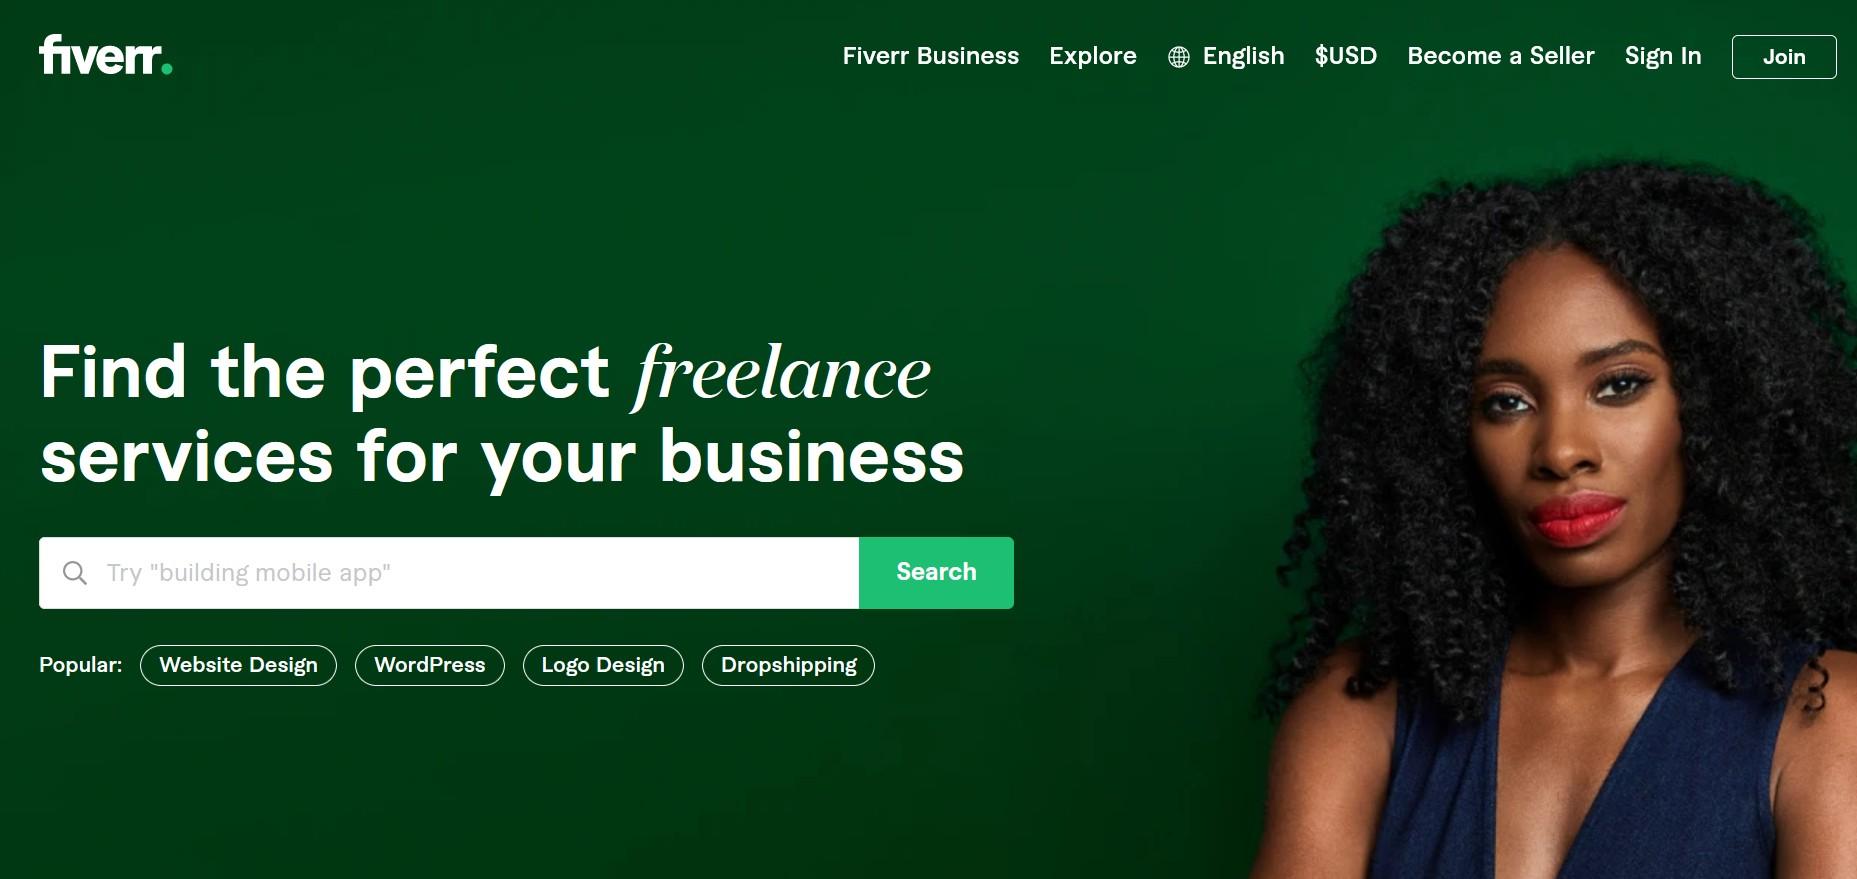 fiverr-best-freelancer-sites